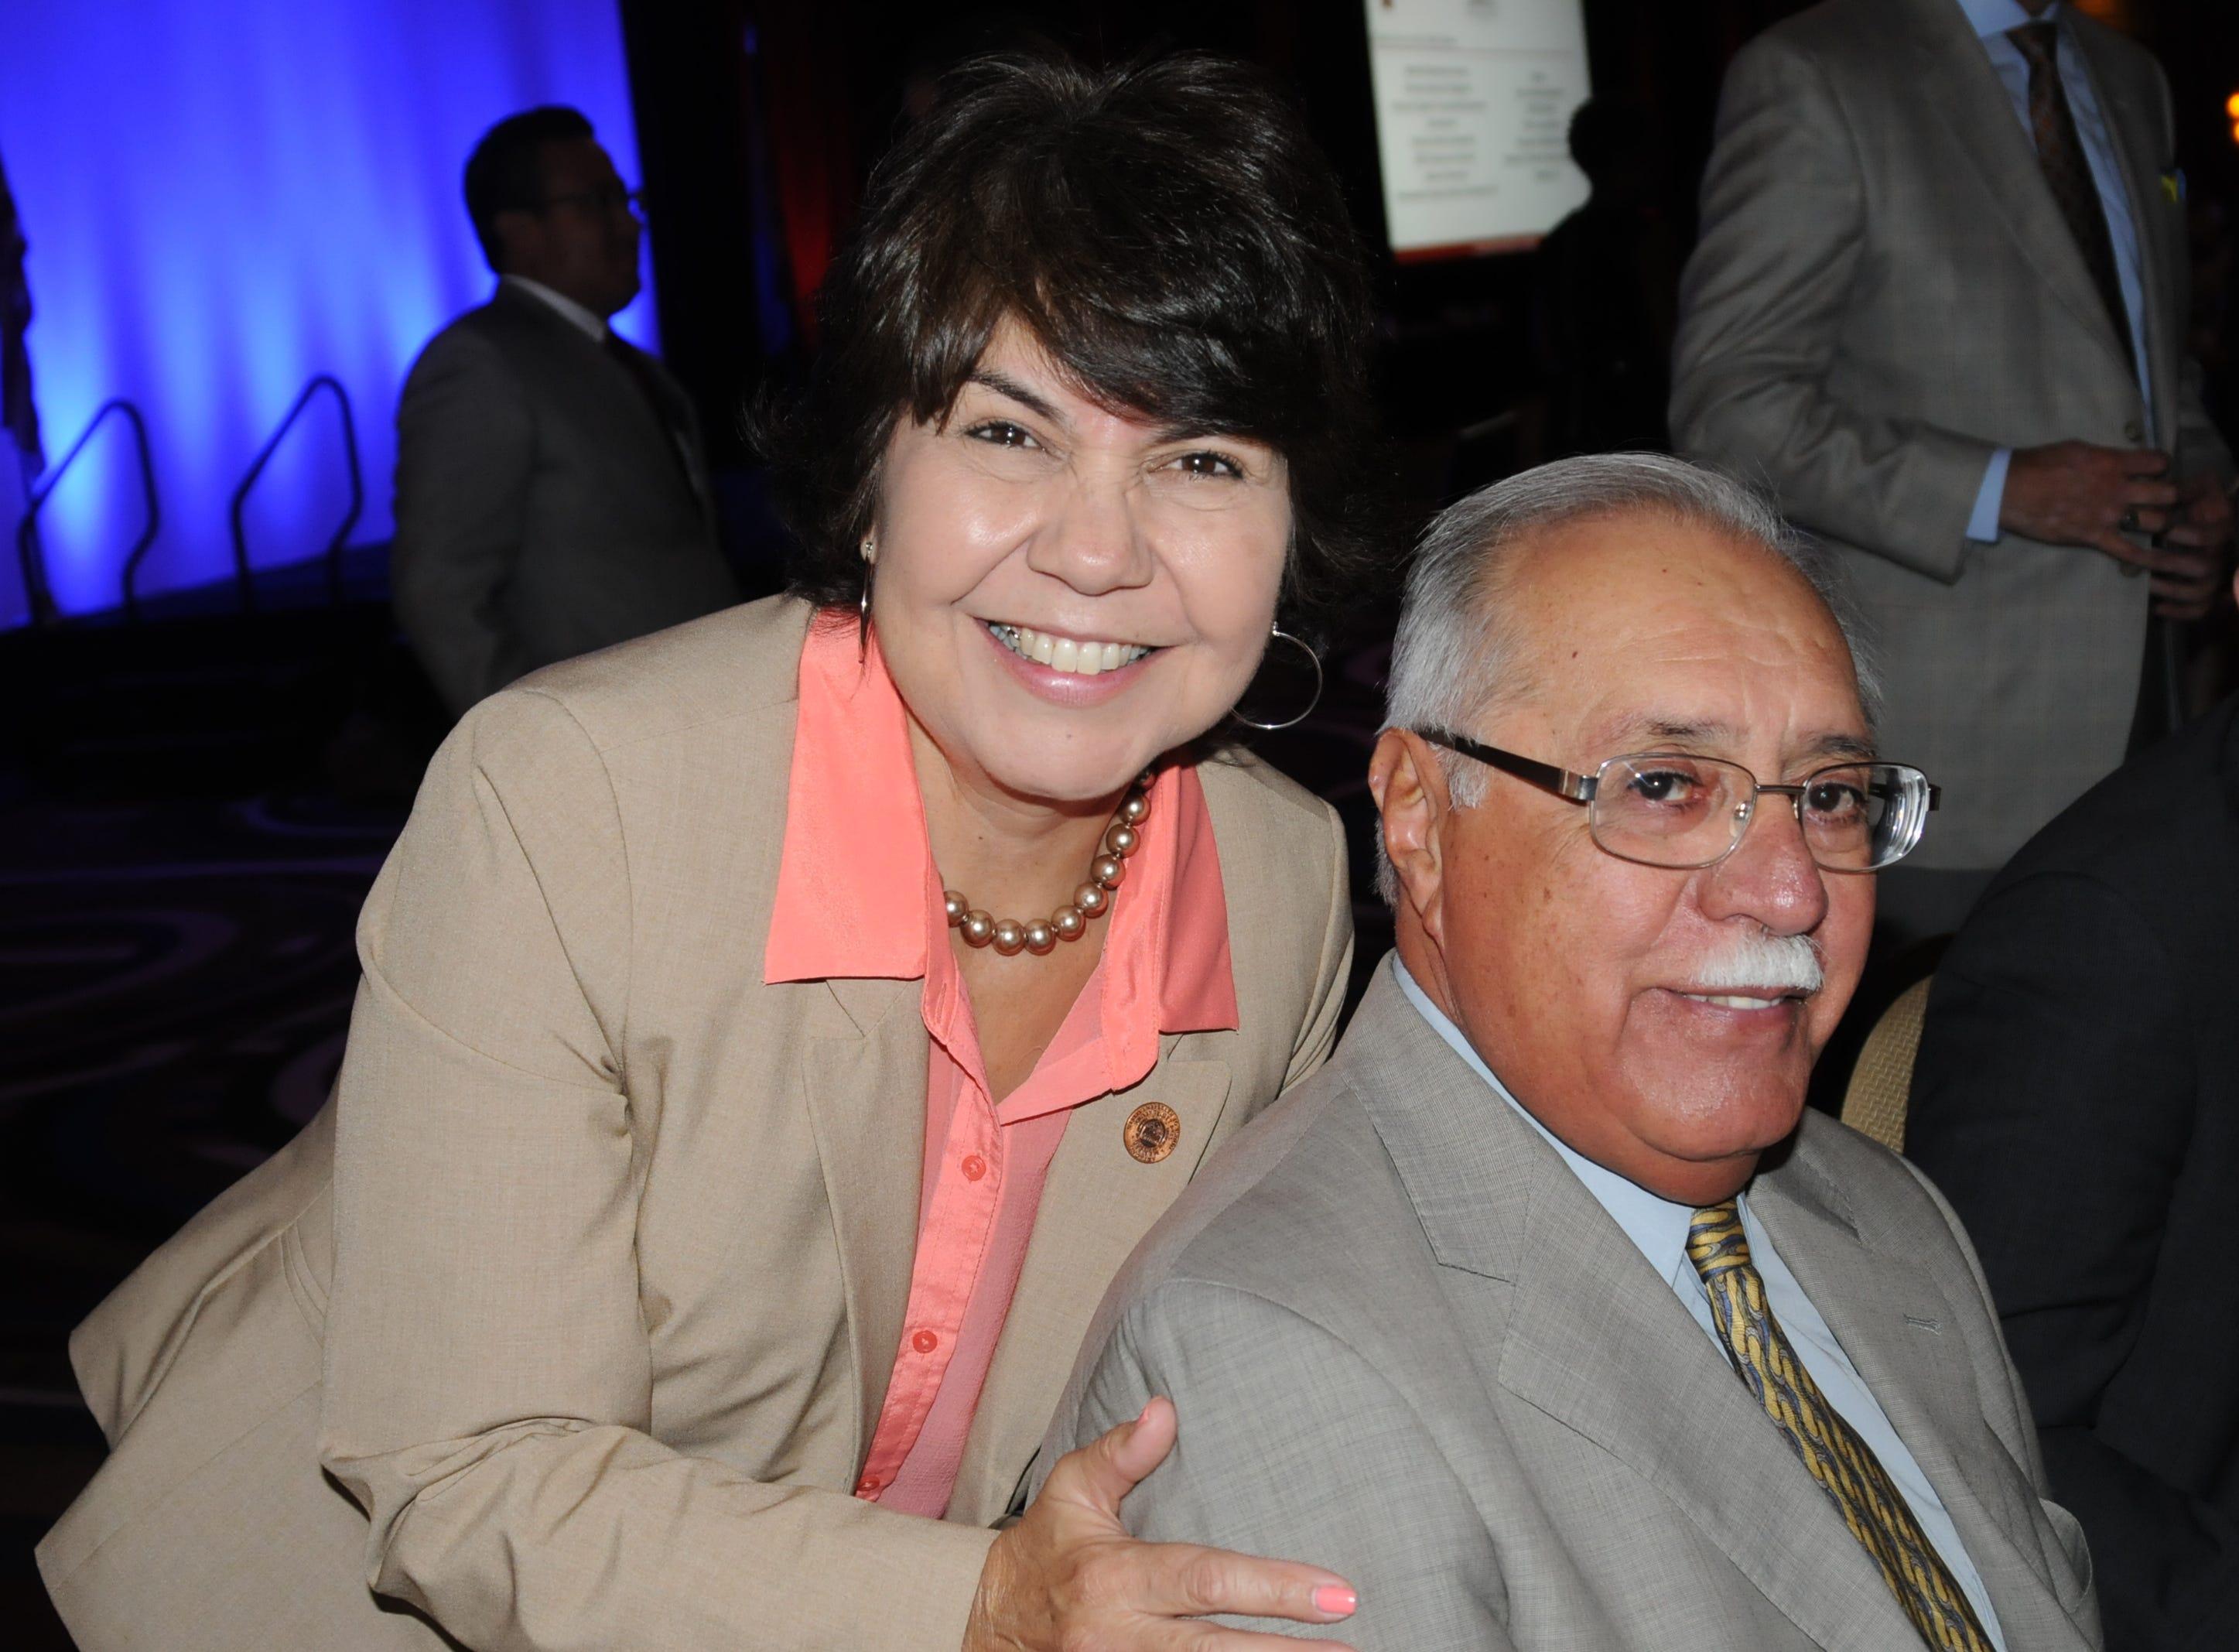 CHARLENE FERNÁNDEZ, SENADORA ESTATAL EN ARIZONA -- Ed Pastor fue mi jefe, mentor e ídolo. Lideró con el ejemplo. Nos enseñó a trabajar duro, mantenernos humildes y tratar a todos con dignidad y respeto sin importar nuestras diferencias. Allanó el camino para muchos de nosotros y siempre estaremos agradecidos de haberlo conocido.